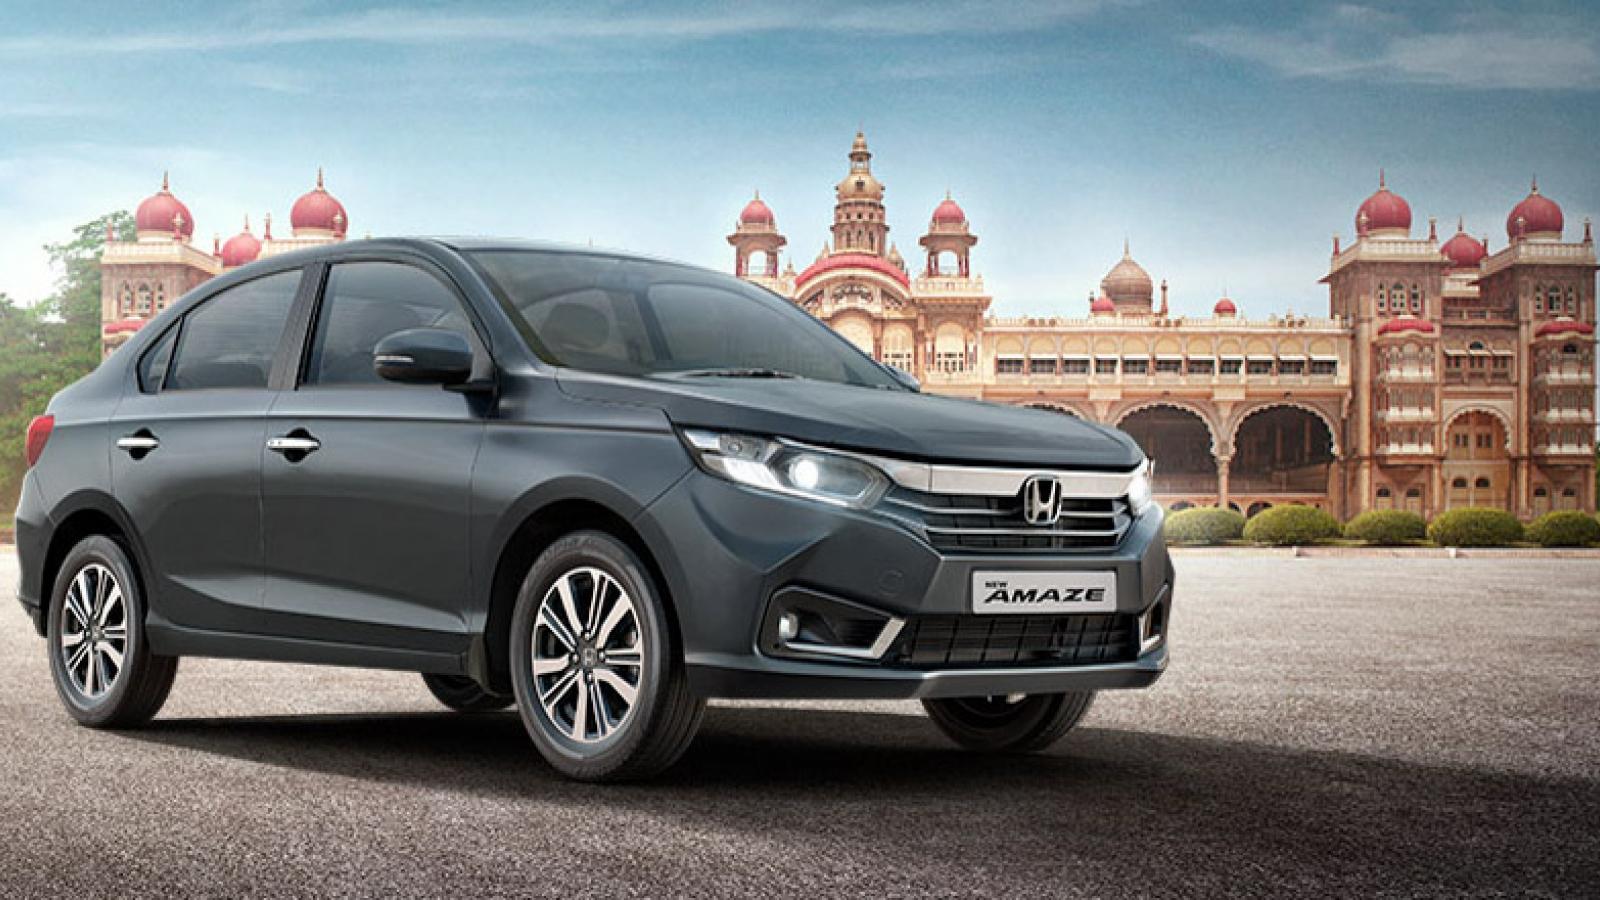 Khám phá Honda Amaze giá chưa tới 200 triệu tại Ấn Độ